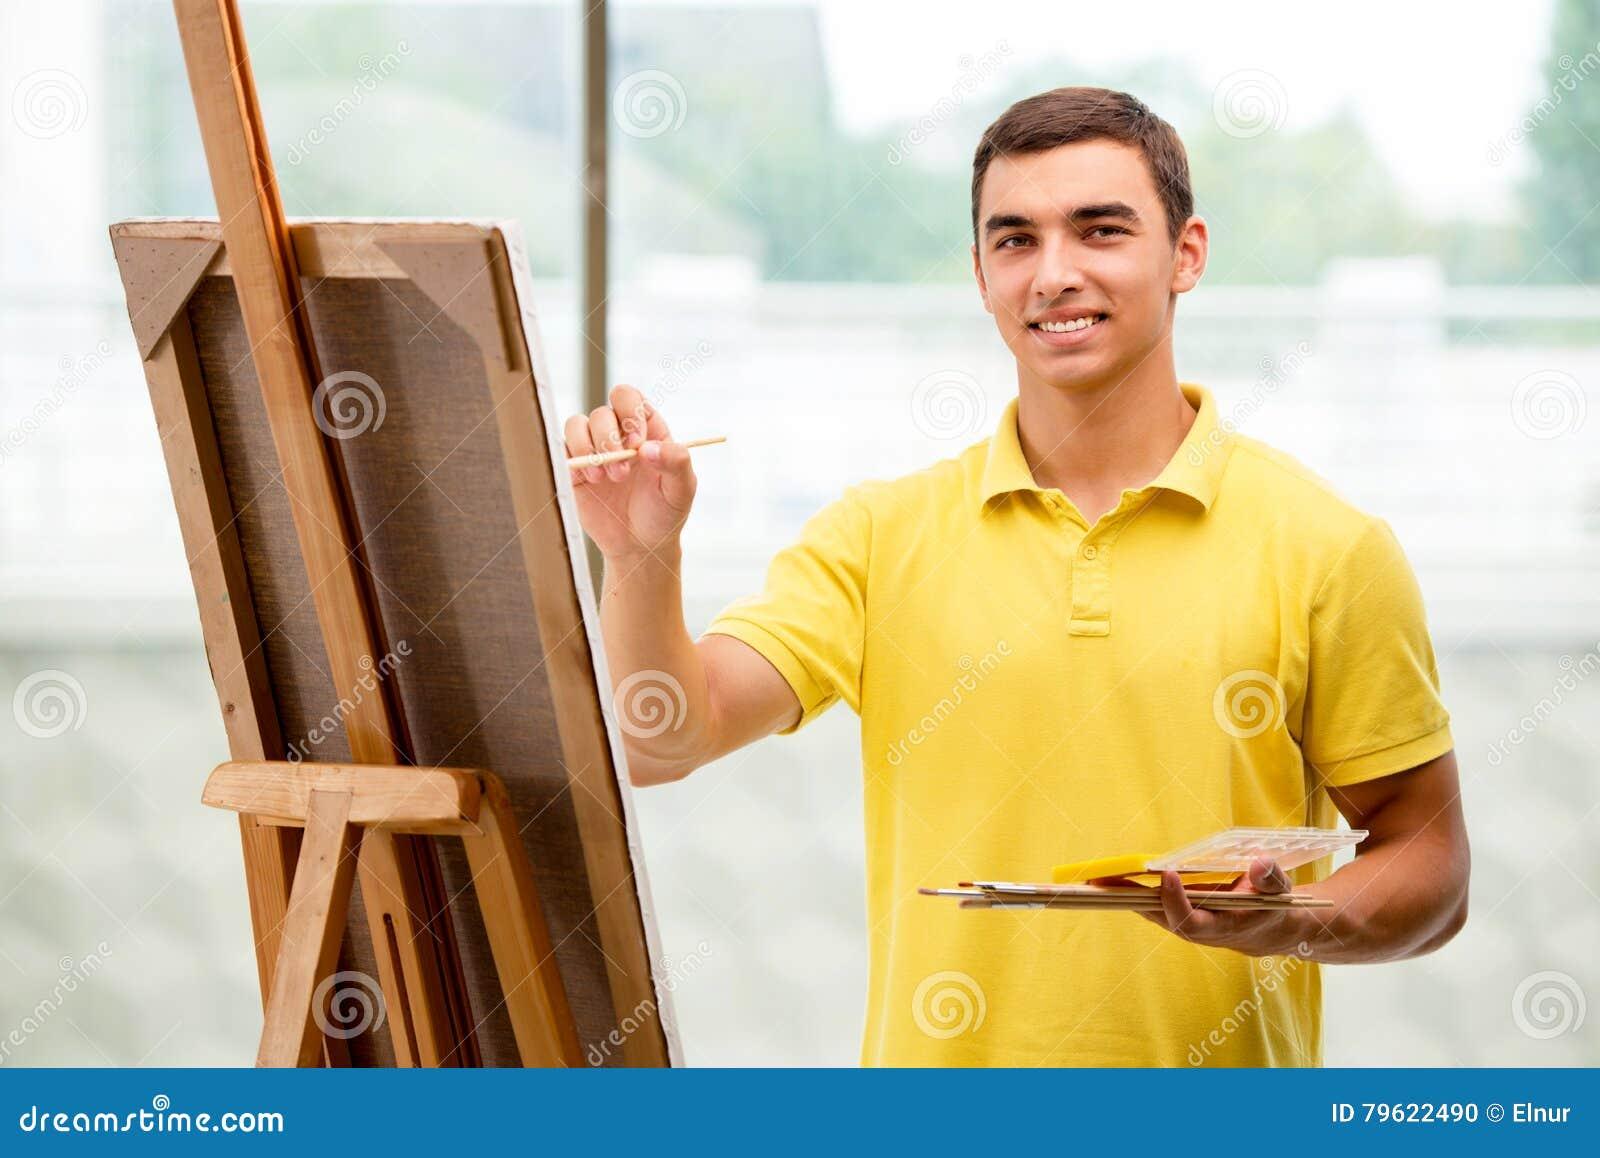 Las imágenes masculinas del dibujo del artista de los jóvenes en estudio brillante